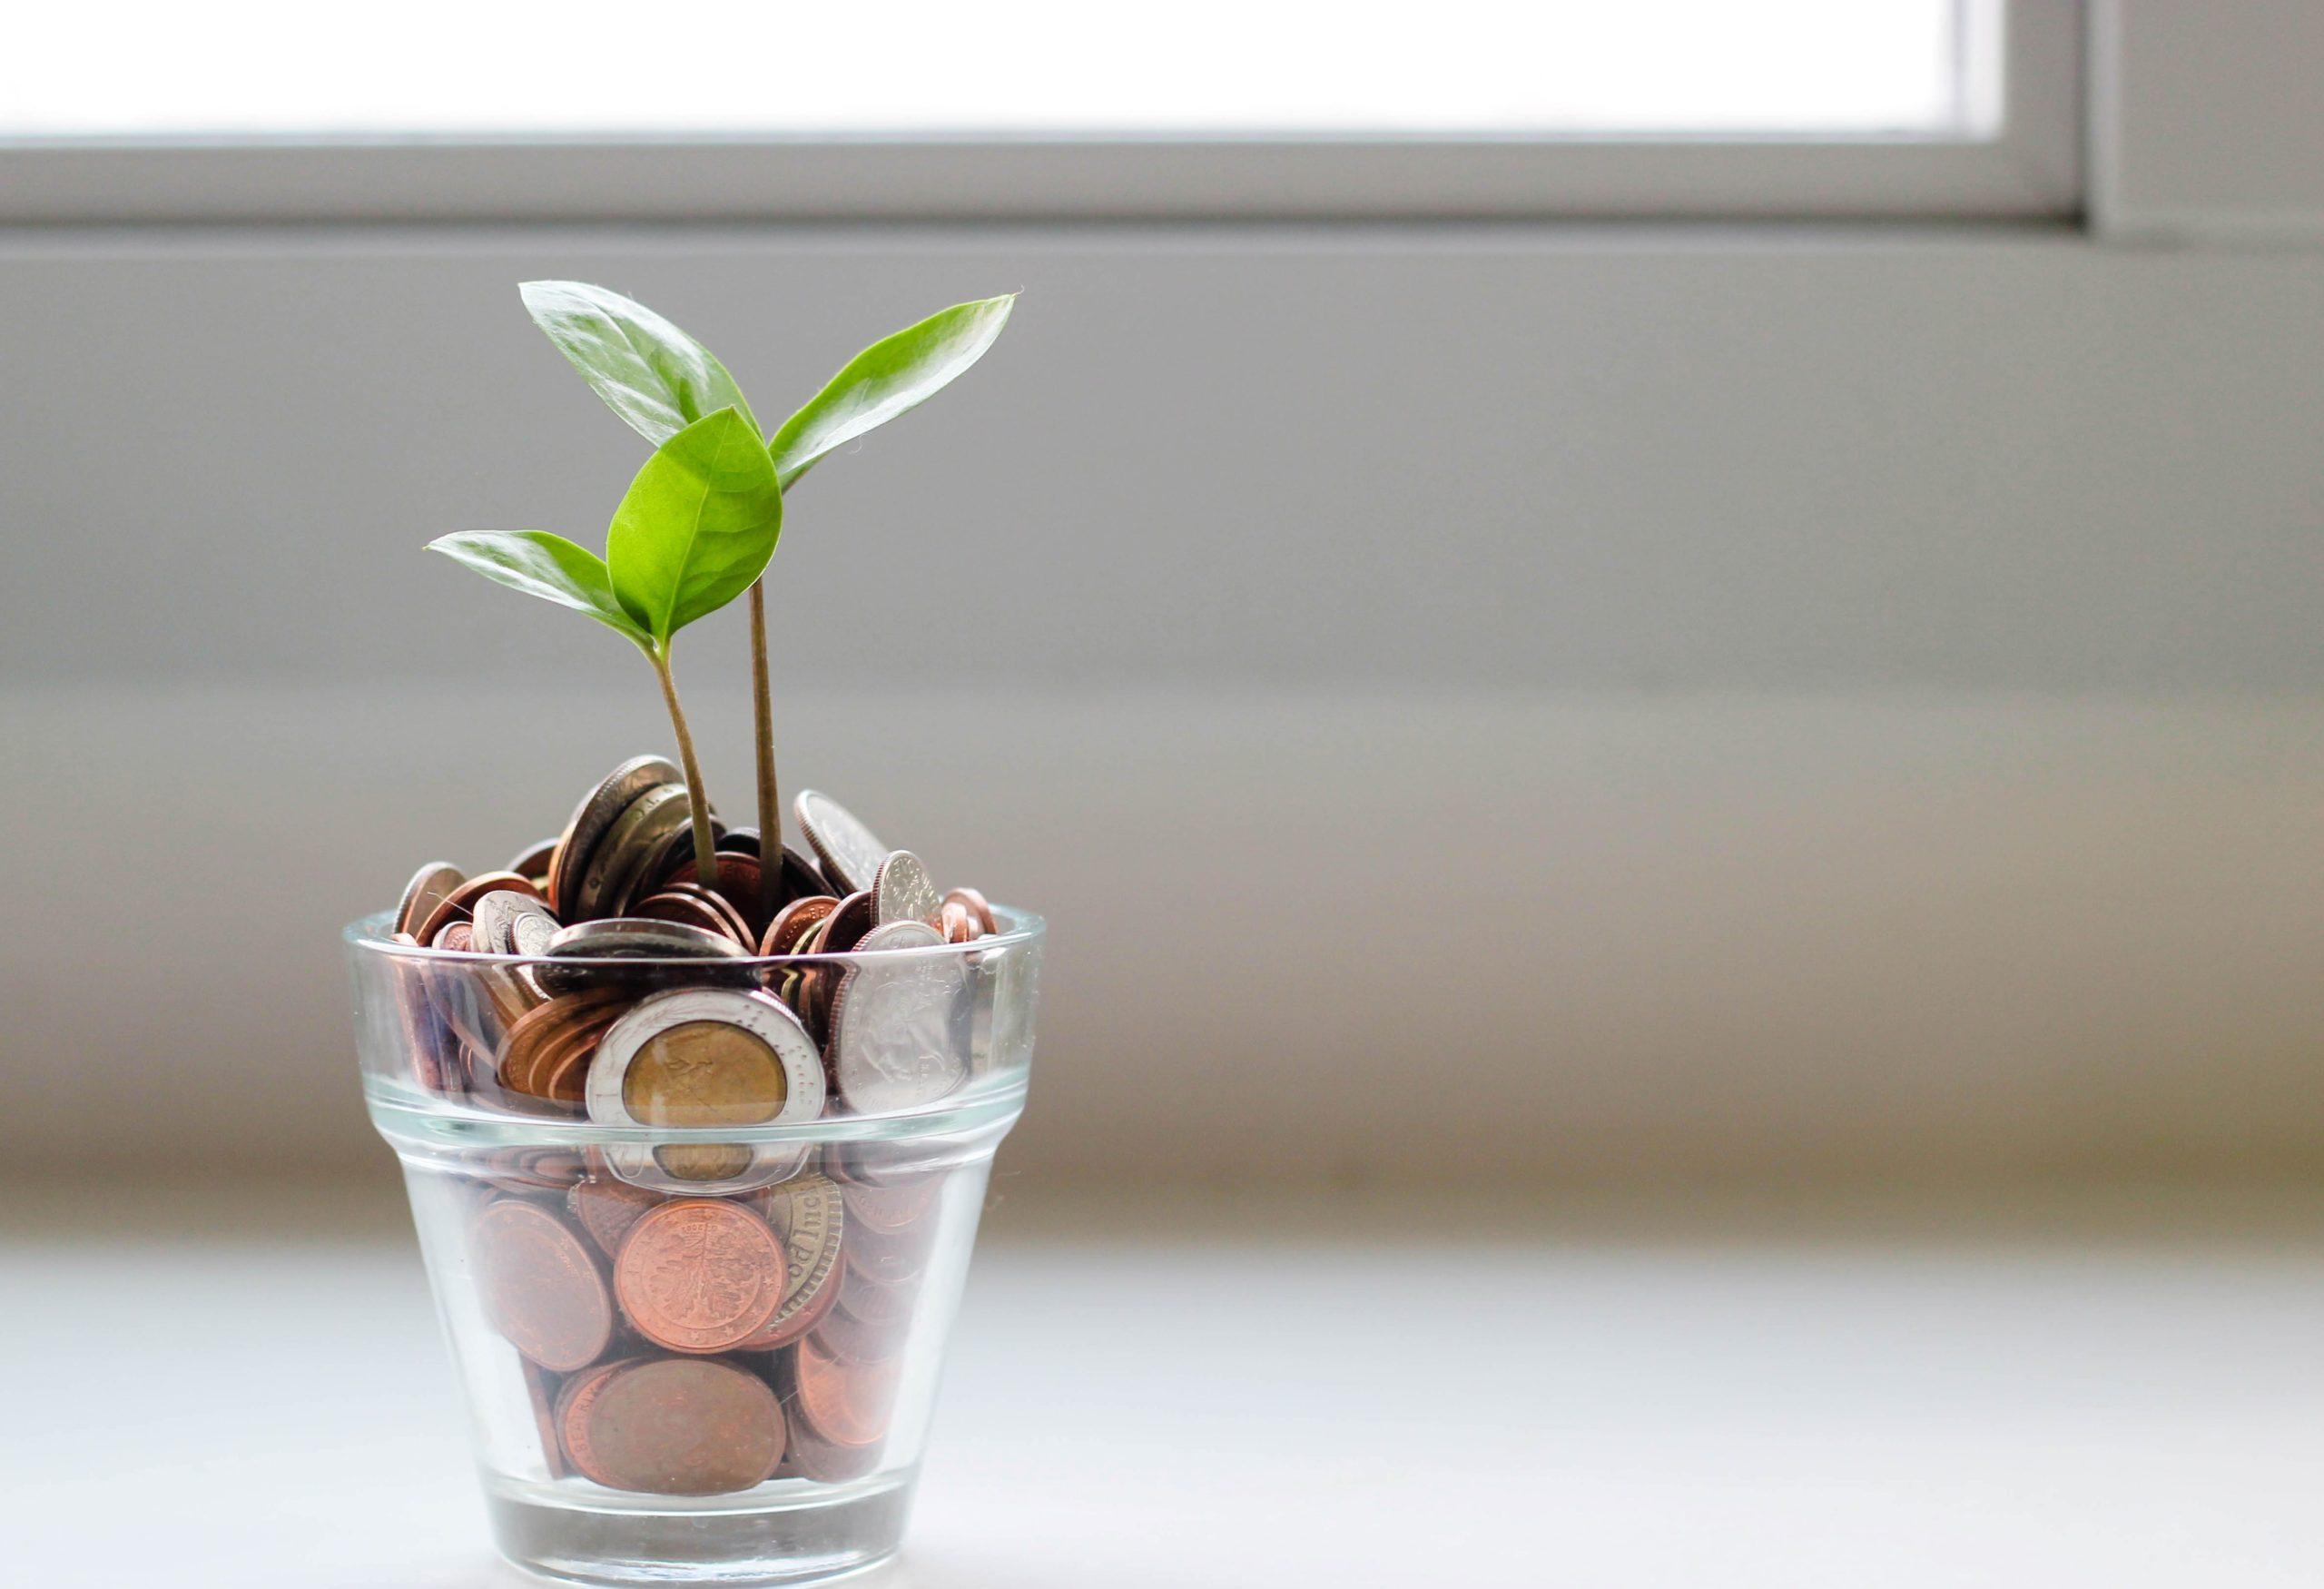 Nachhaltig Geld anlegen und Nachhaltigkeit: Hier gibt's alle Infos dazu!